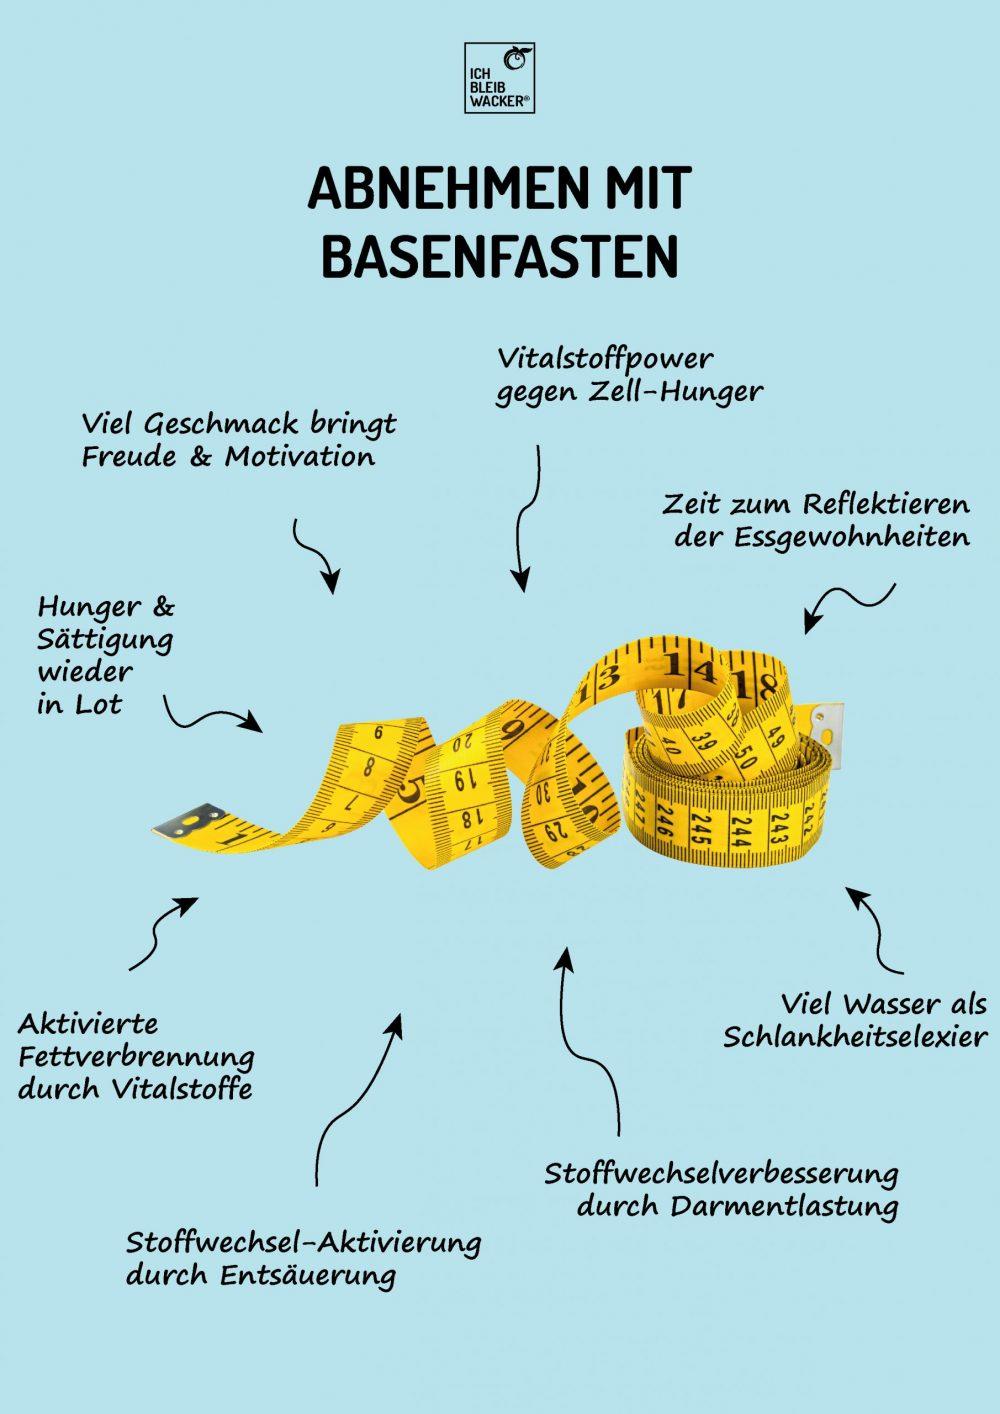 Infografik Fakten-Check Abnehmen mit basenfasten